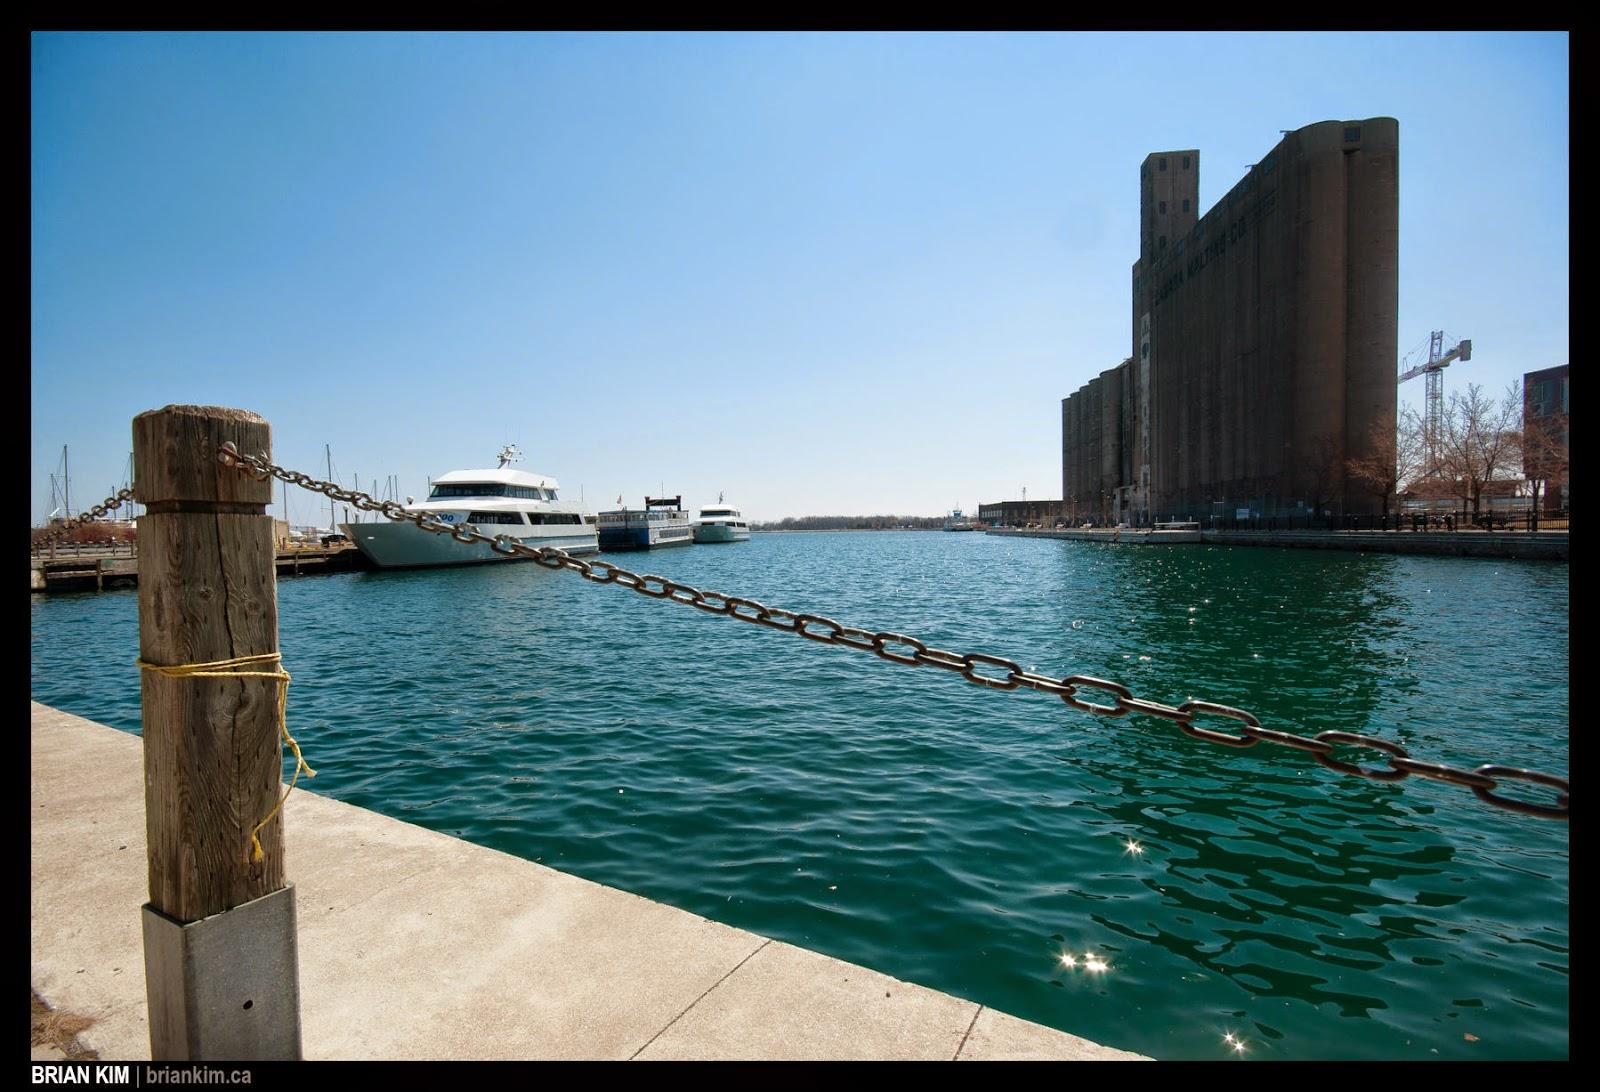 Queen's Quay